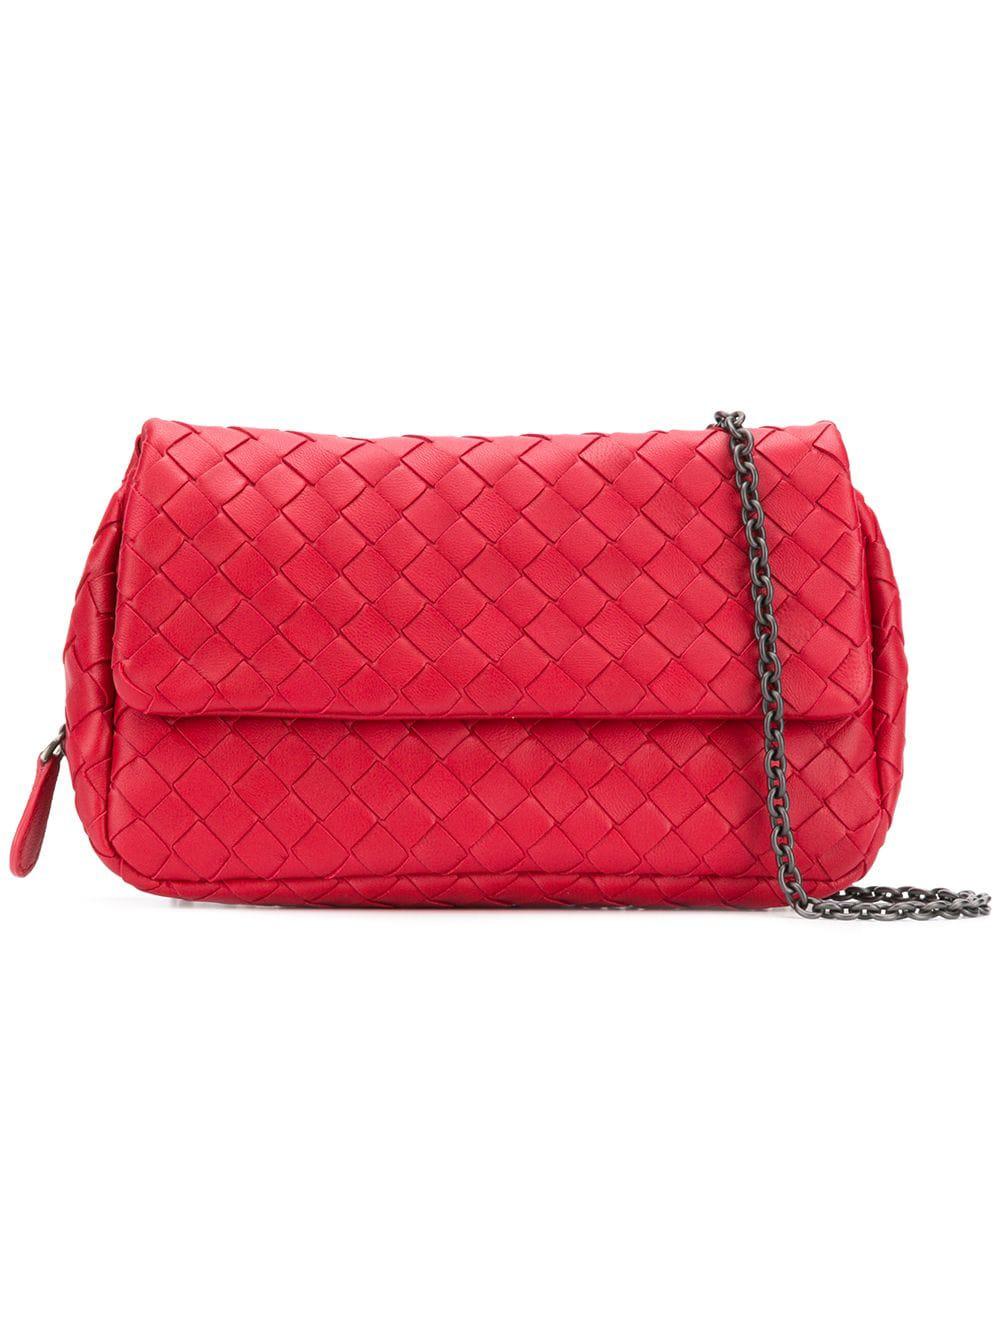 7de82352a9 Bottega Veneta Intrecciato Crossbody Bag - Red